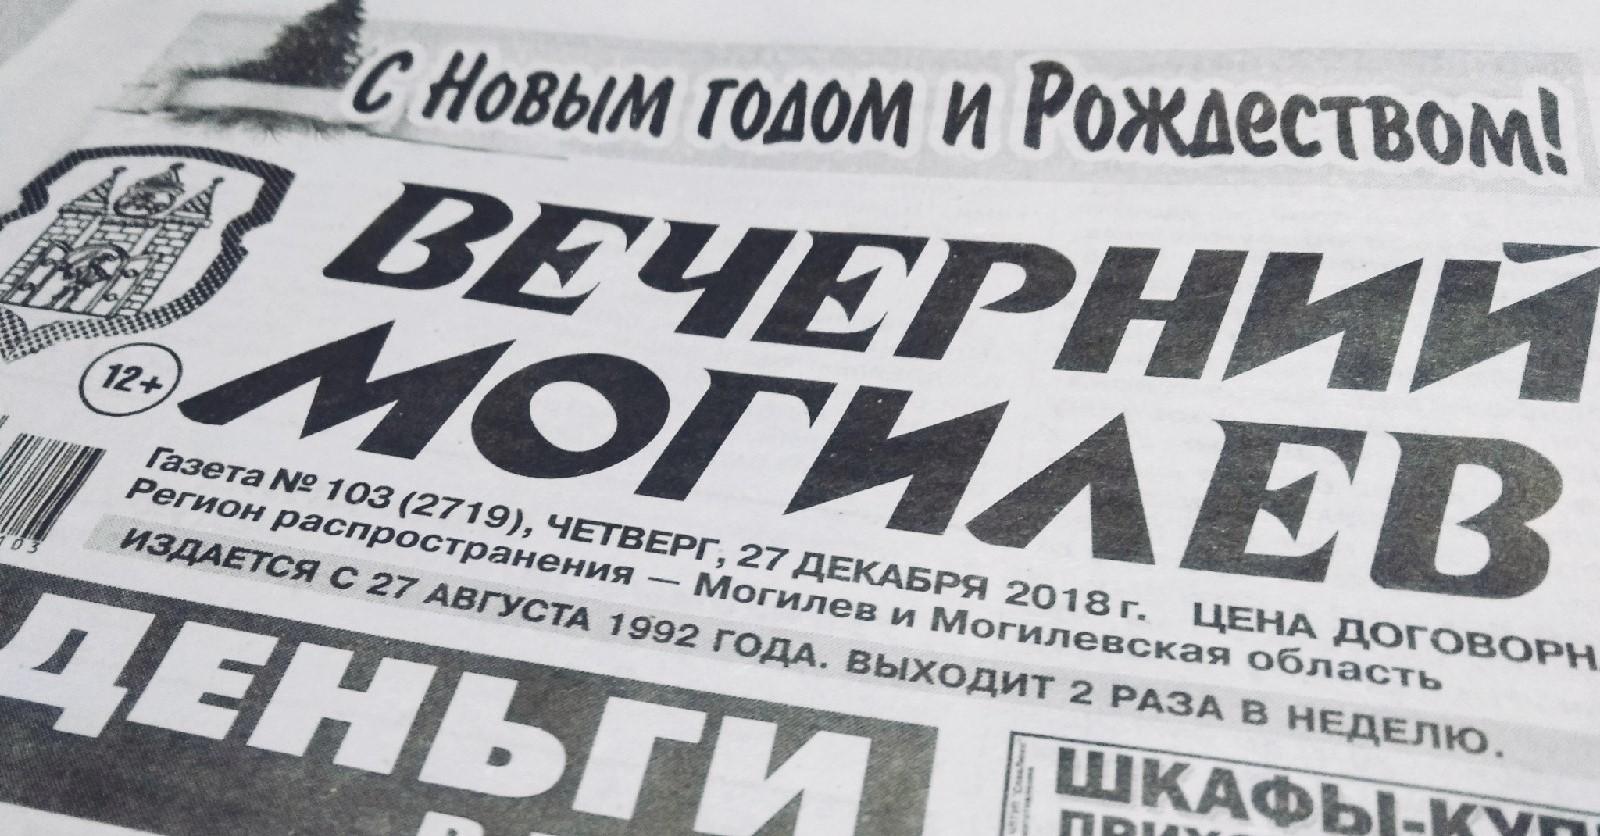 «Вячэрні Магілёў» прадказаў Кіеву затапленне з-за атрымання аўтакефаліі